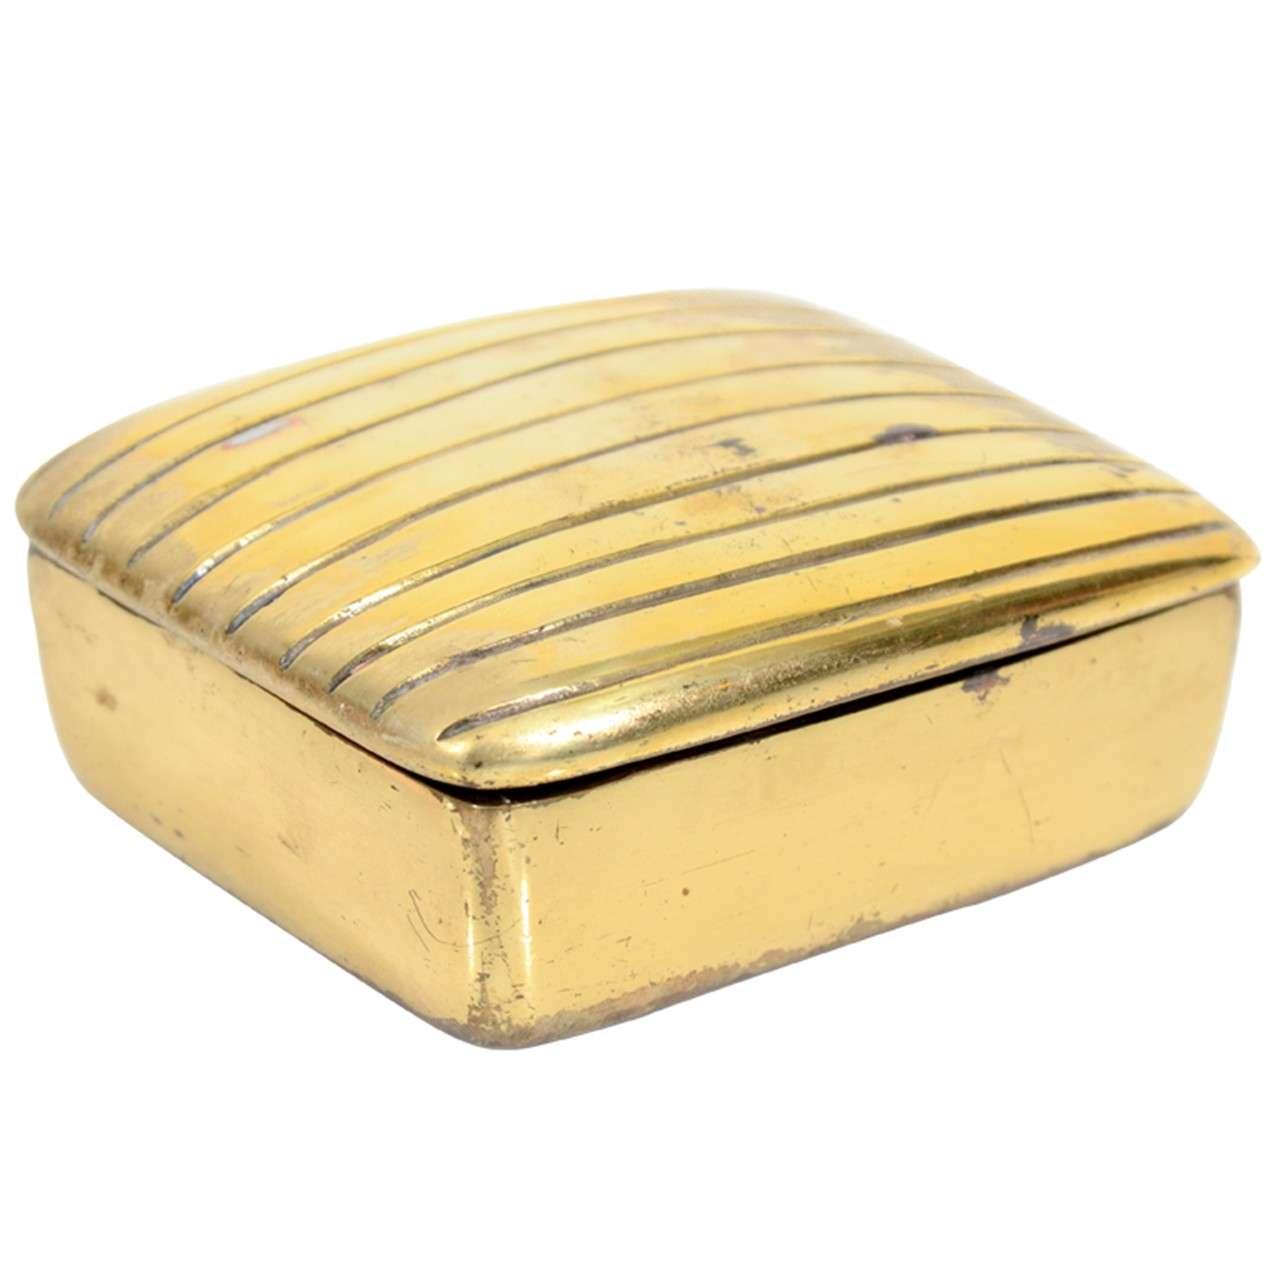 Ben Seibel Brass Ribbed Box for Jenfredware